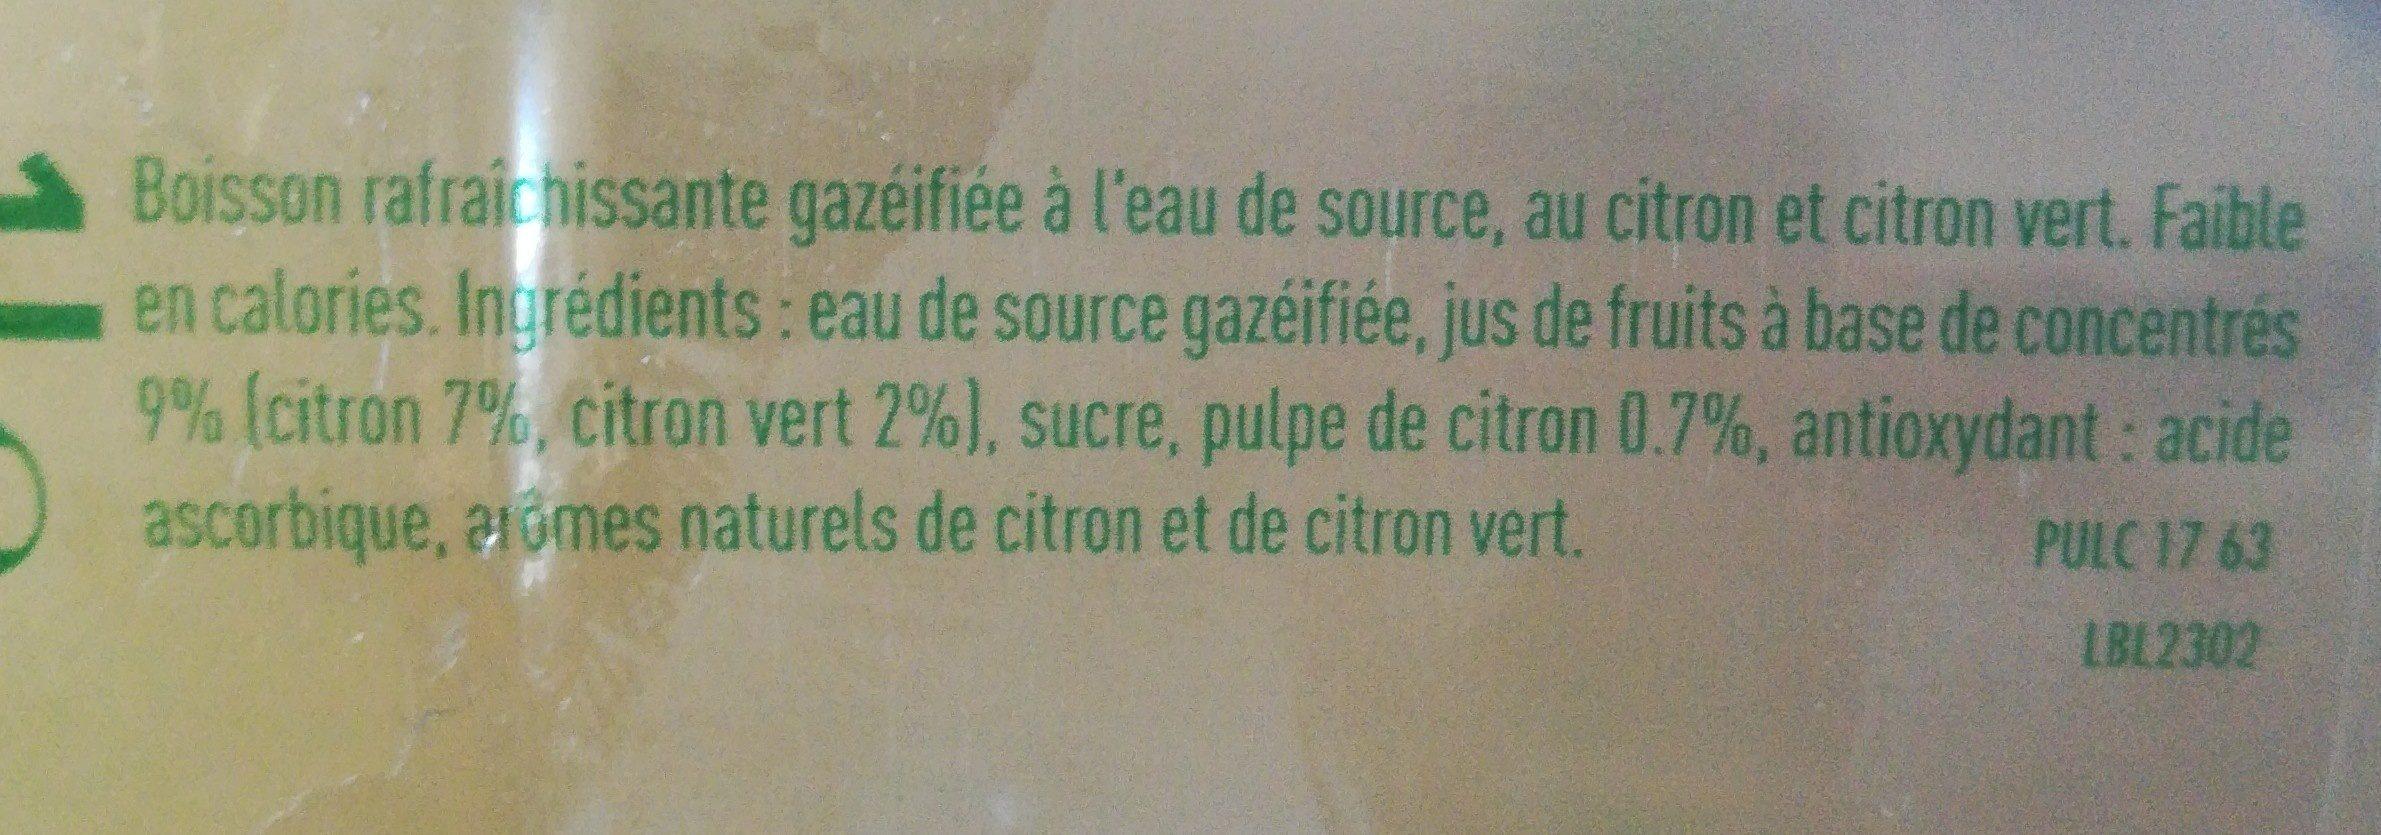 Pulco fines bulles Citron Citron vert - Ingrédients